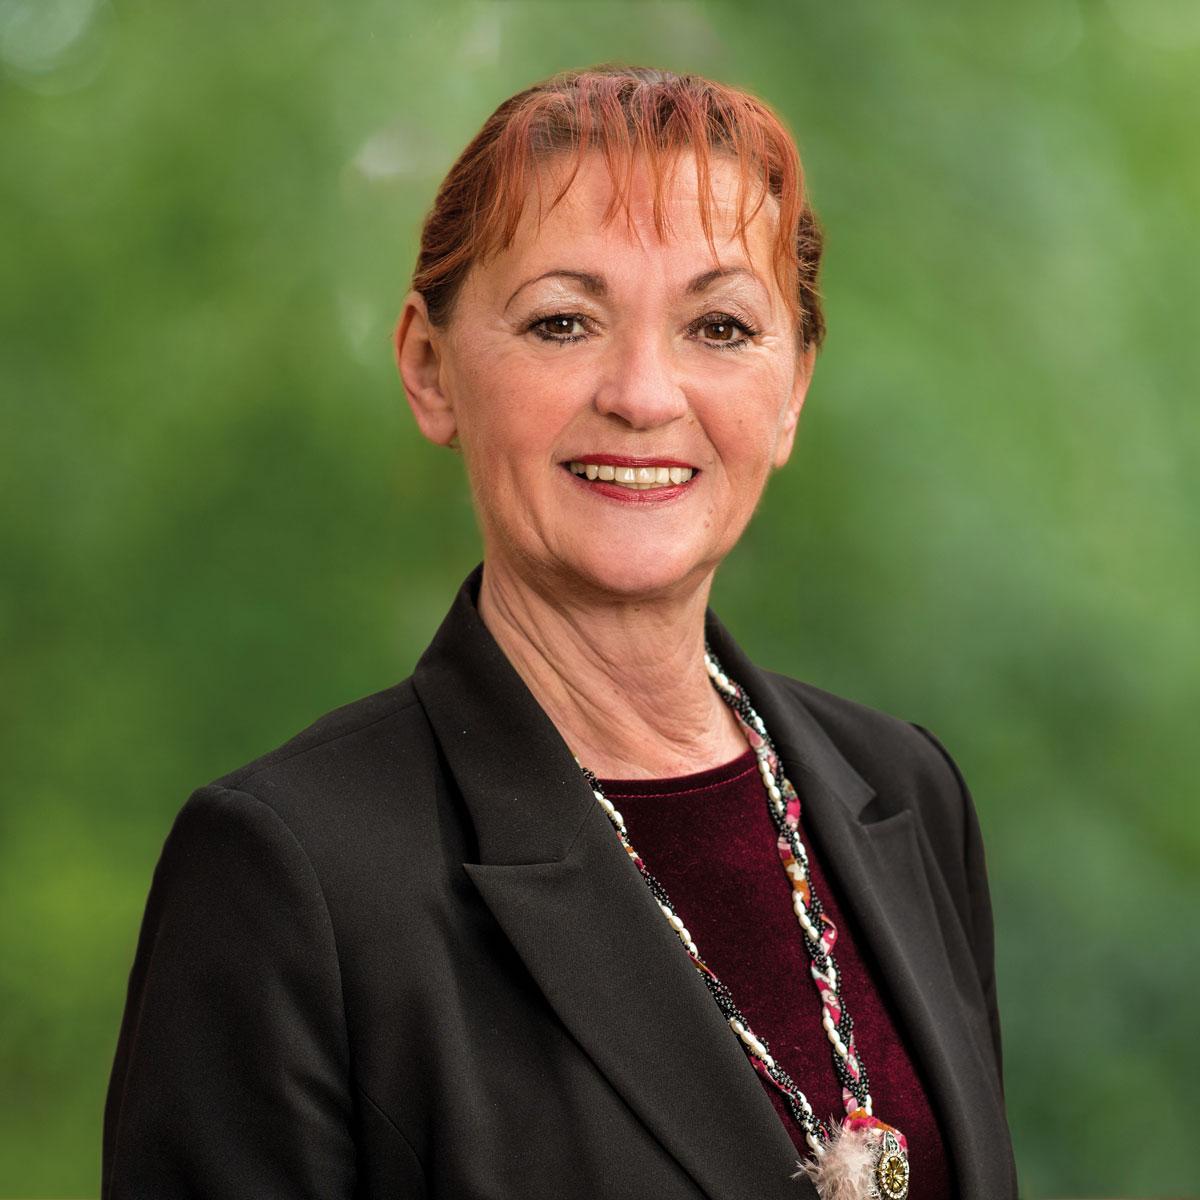 Carmen Kocher